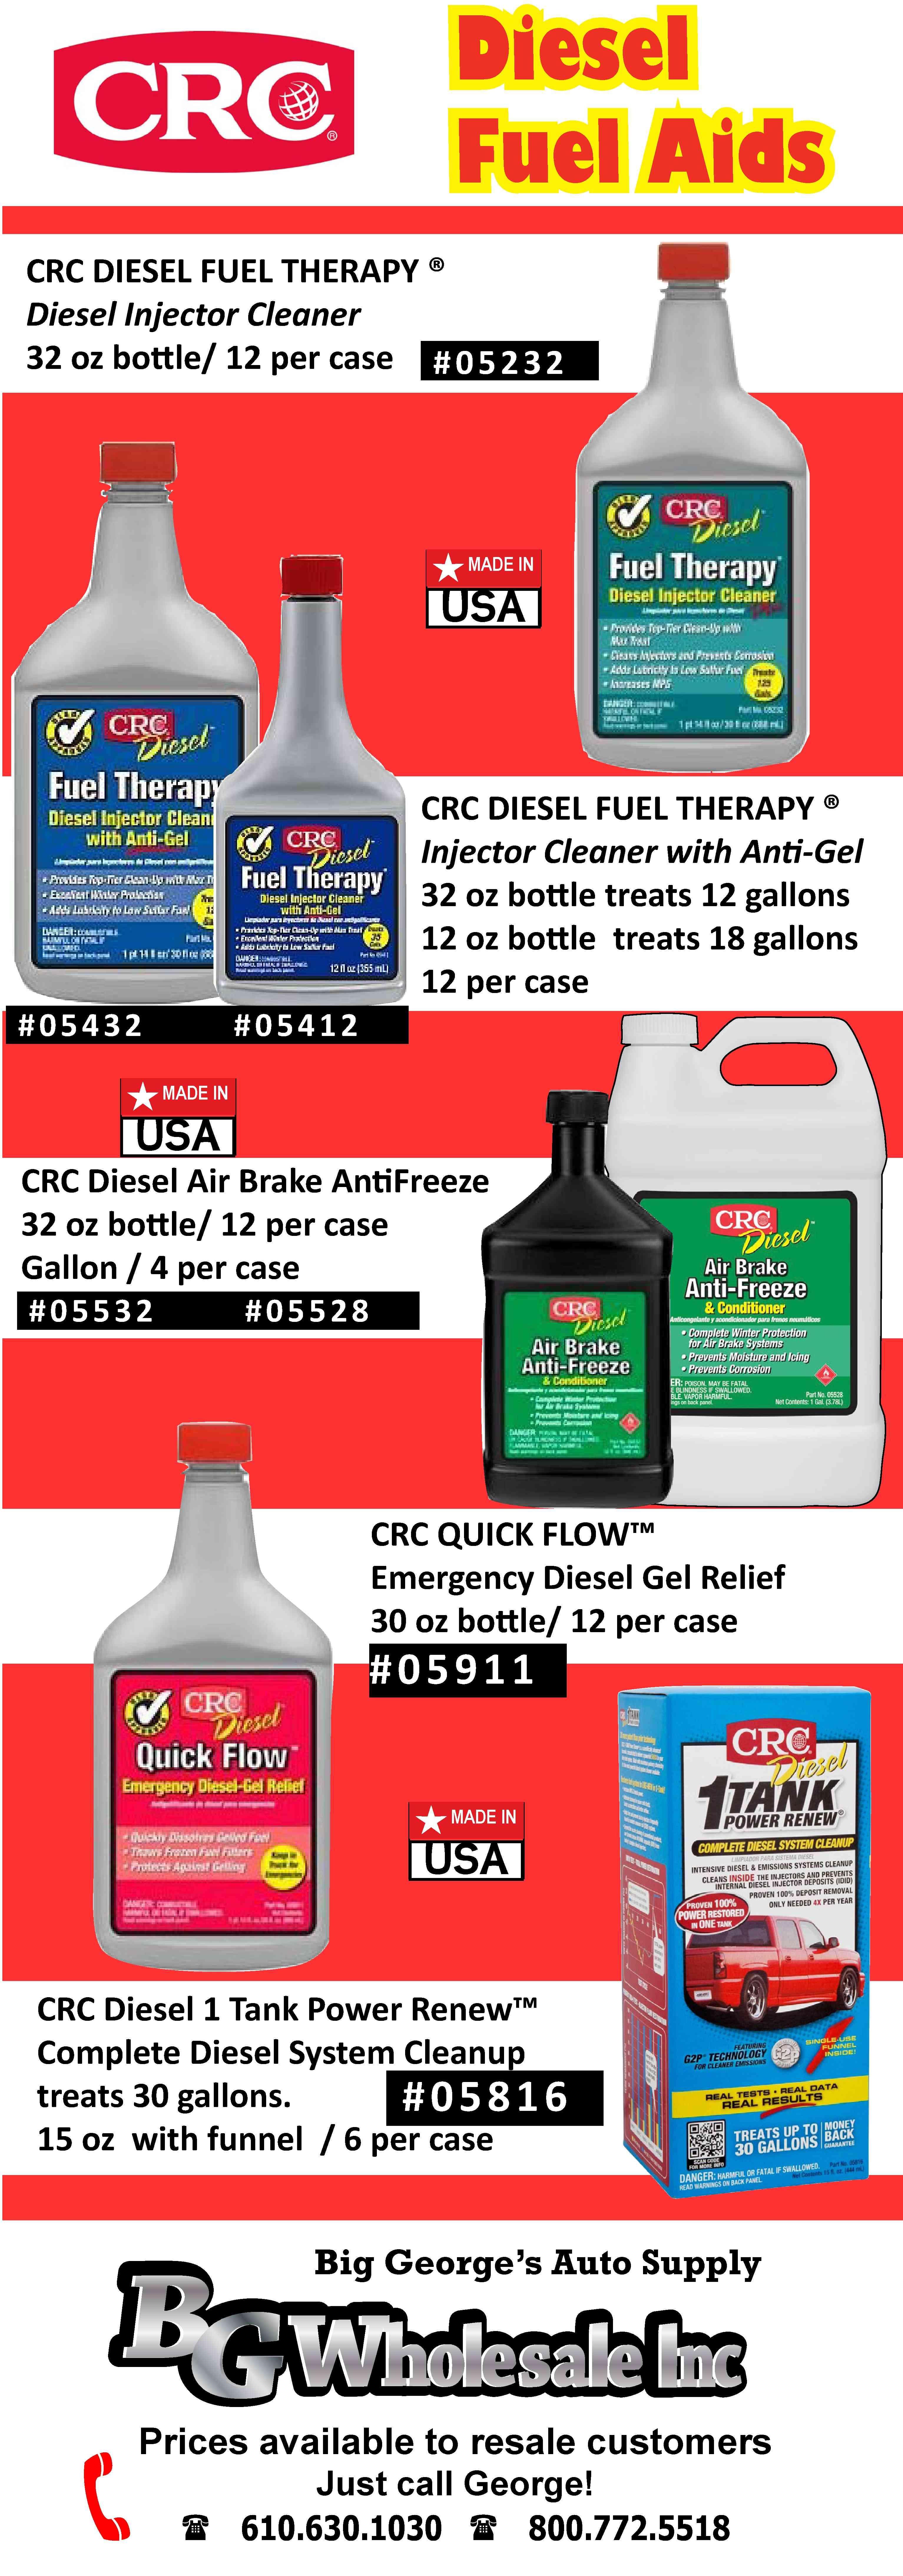 CRC Diesel Fuel Helpers Fuel Injector Cleaner, AntiGel